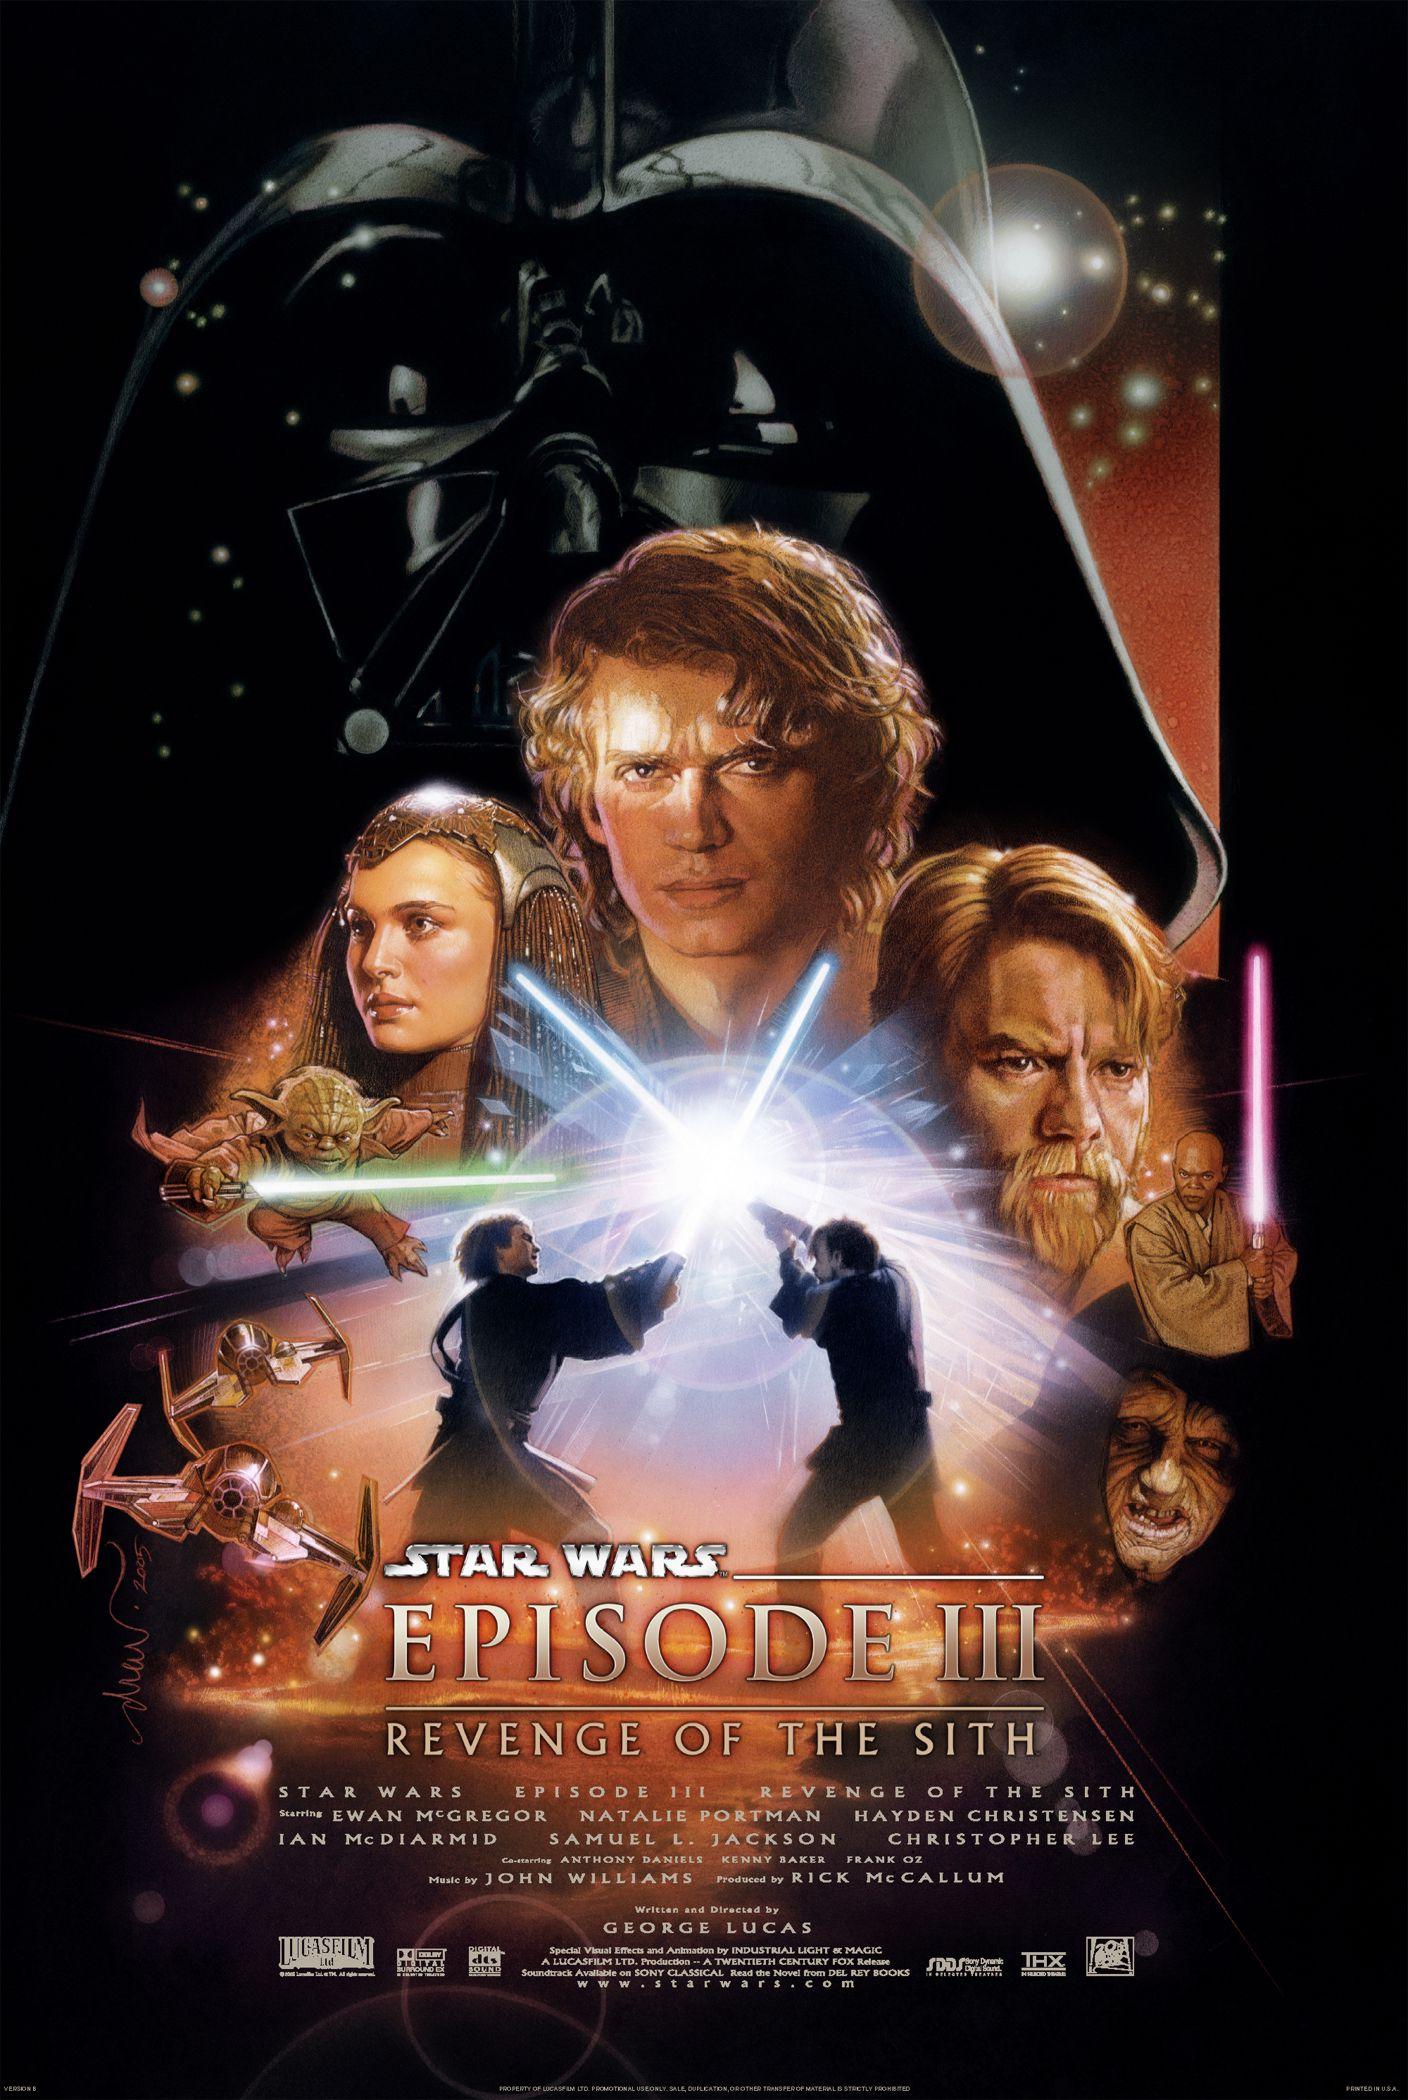 star war episodei revenge ofthe si th tar wars episode 11 revenge of the s - Stars War